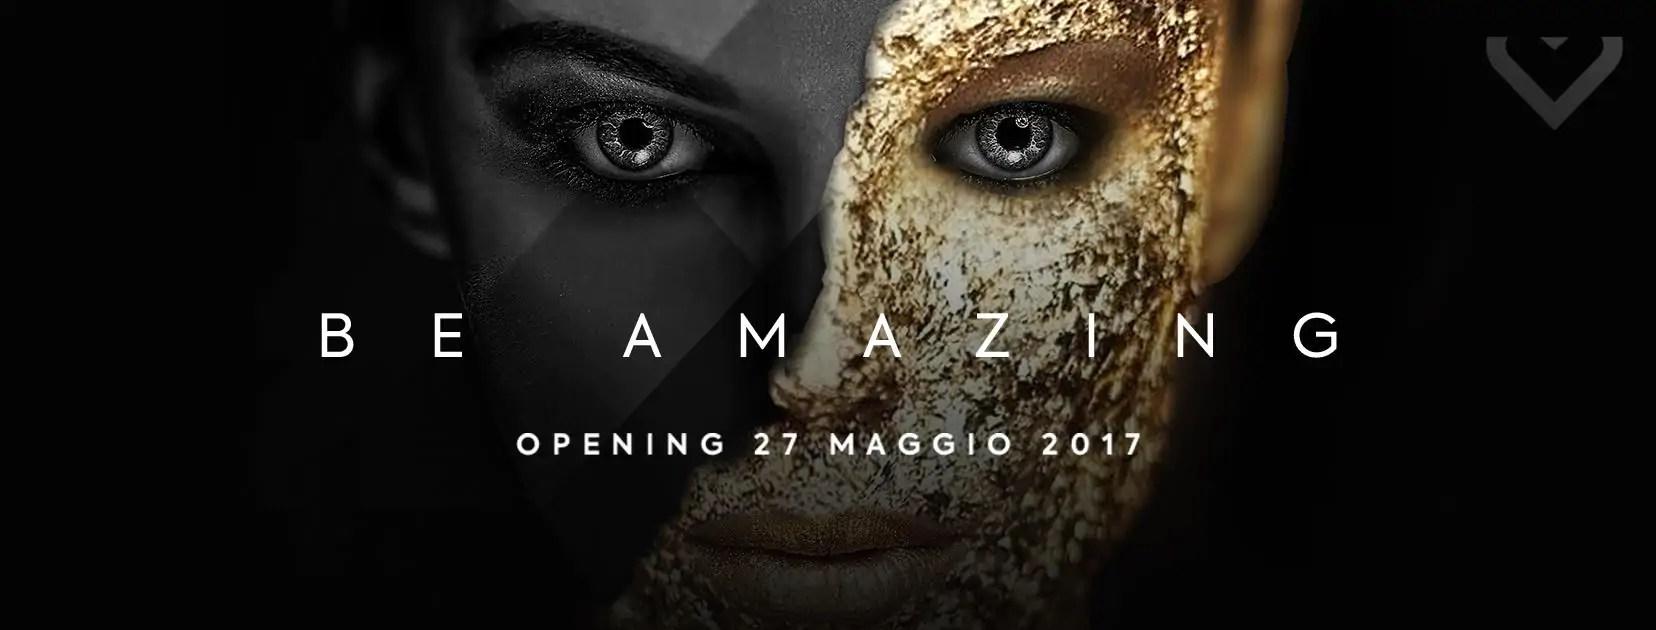 Villapapeete MILANO MARITTIMA SABATO 27 MAGGIO 2017 Opening Party Prezzi Ingresso Tavoli Hotel